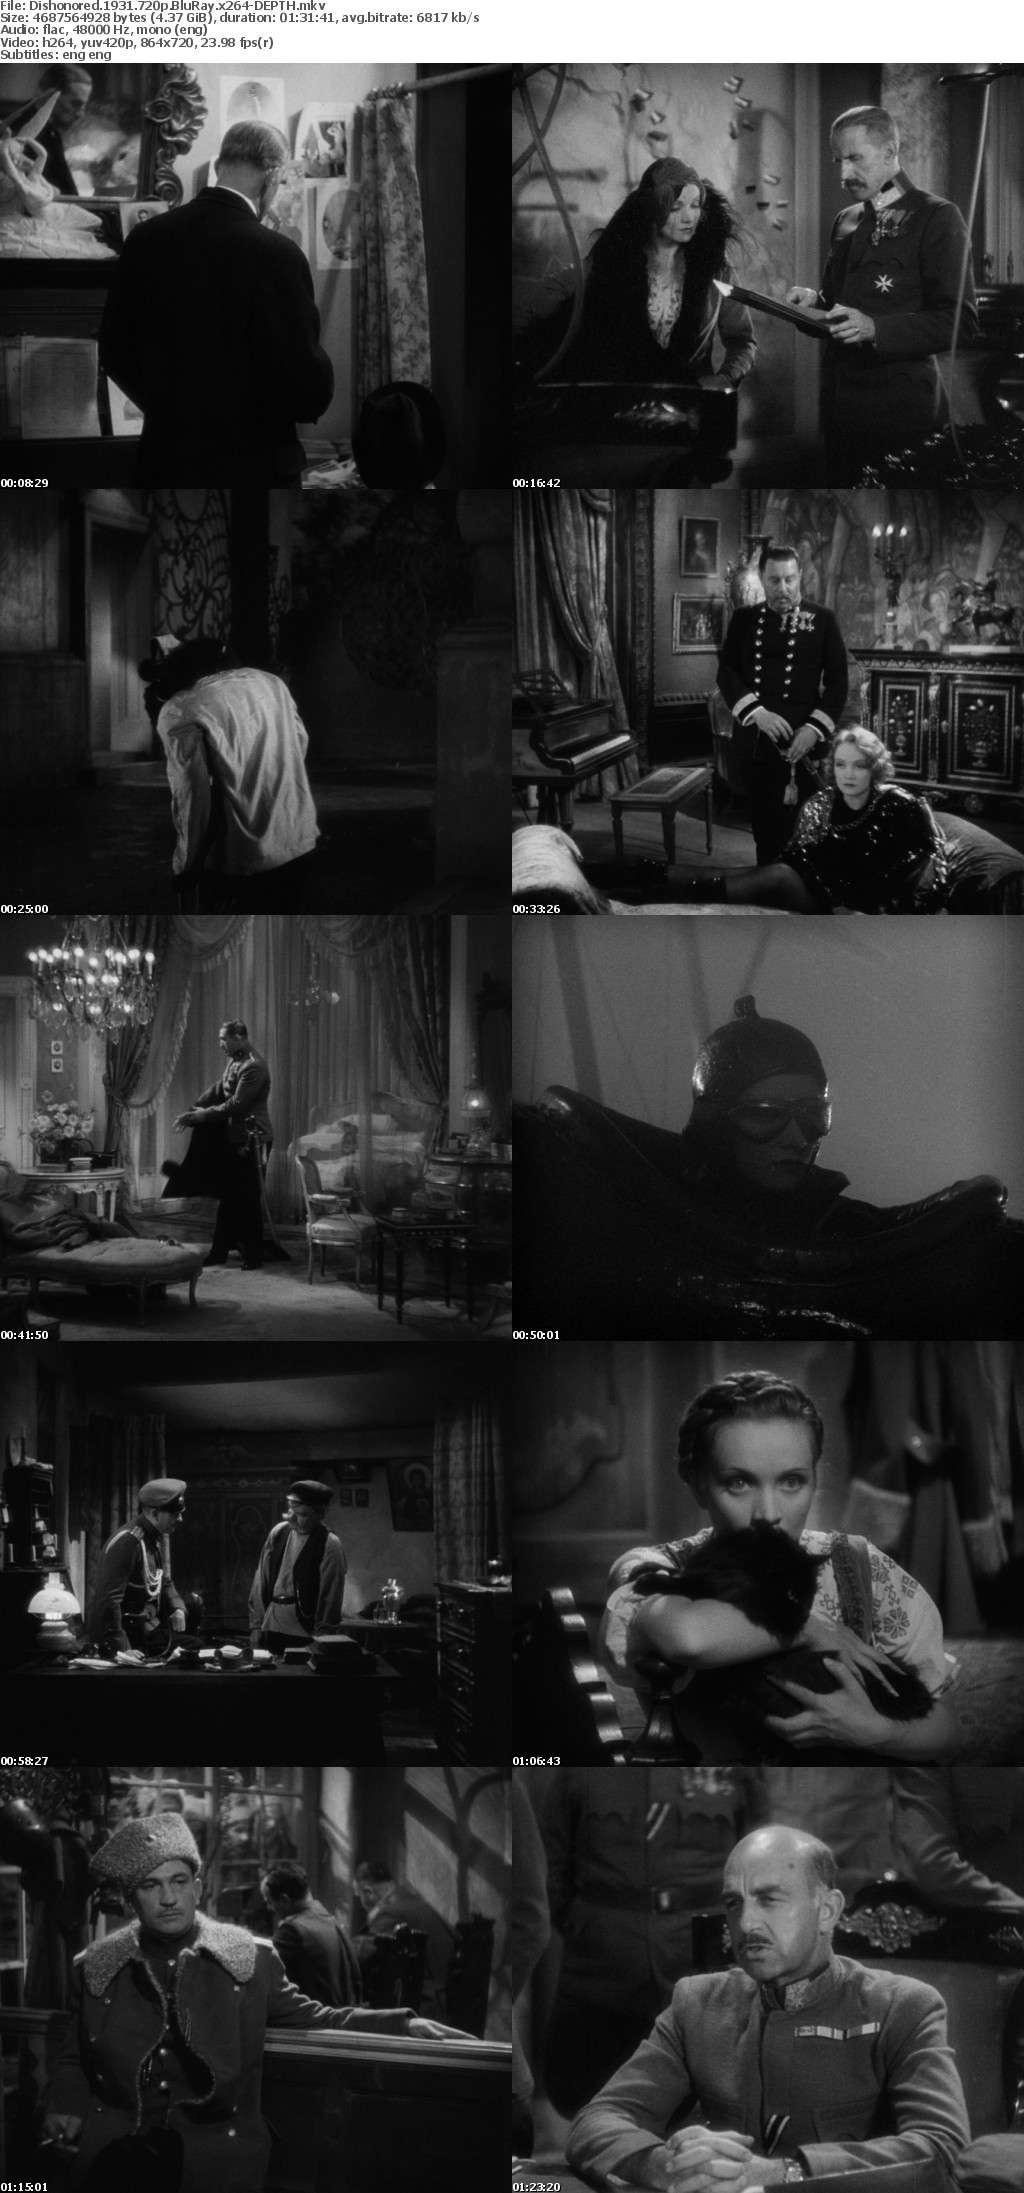 Dishonored 1931 720p BluRay x264-DEPTH